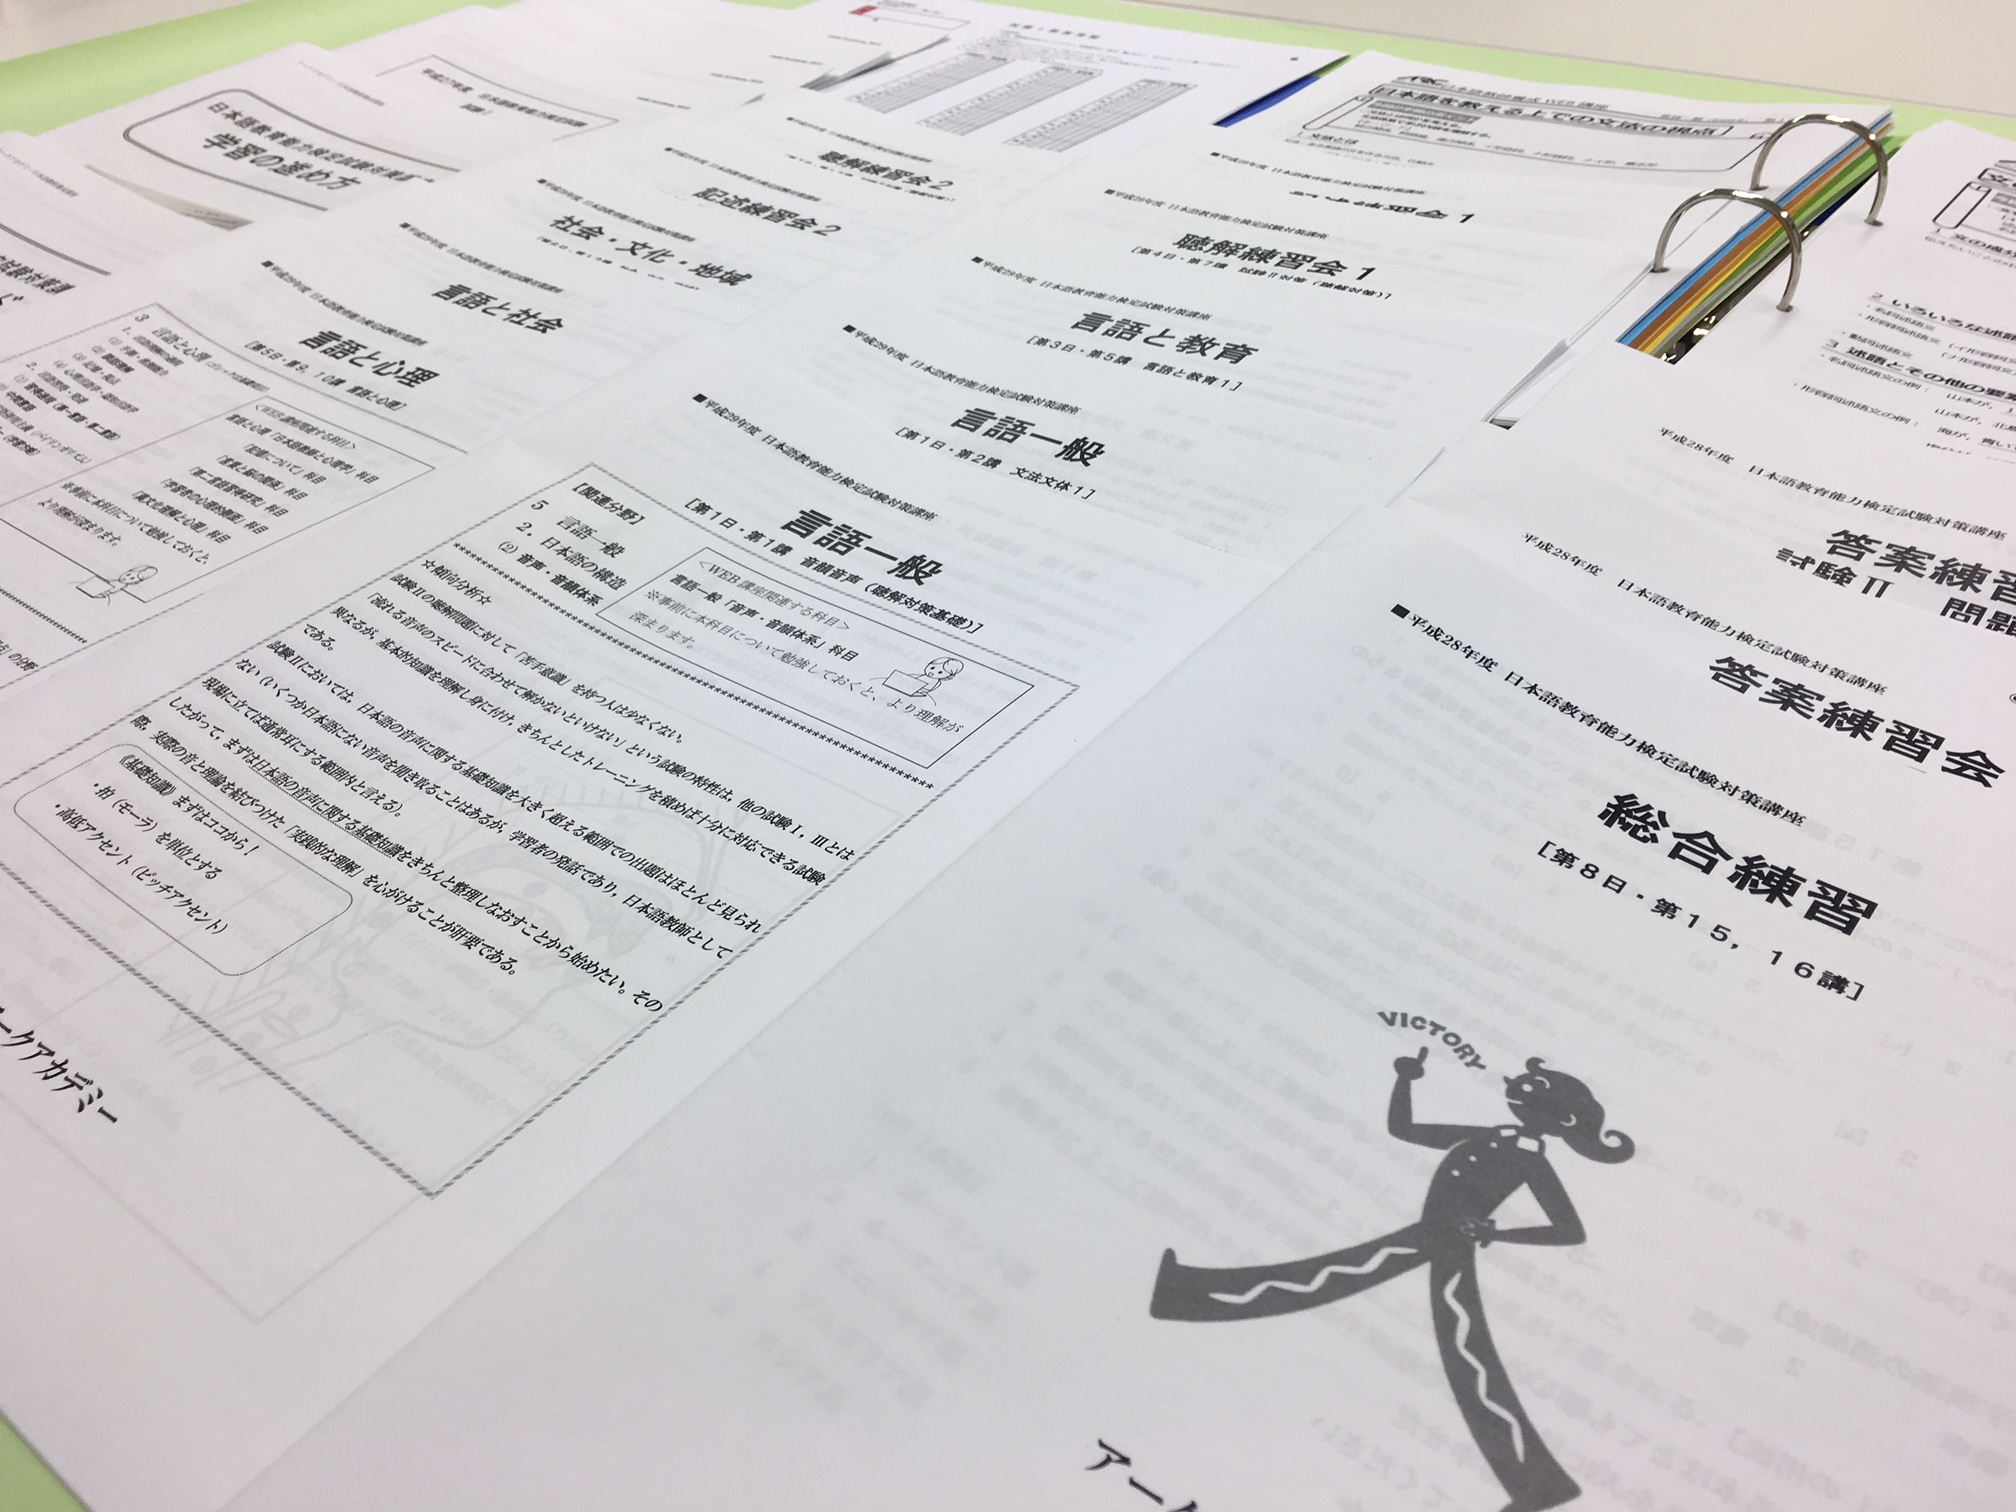 海外で日本語教師を待っている人のために